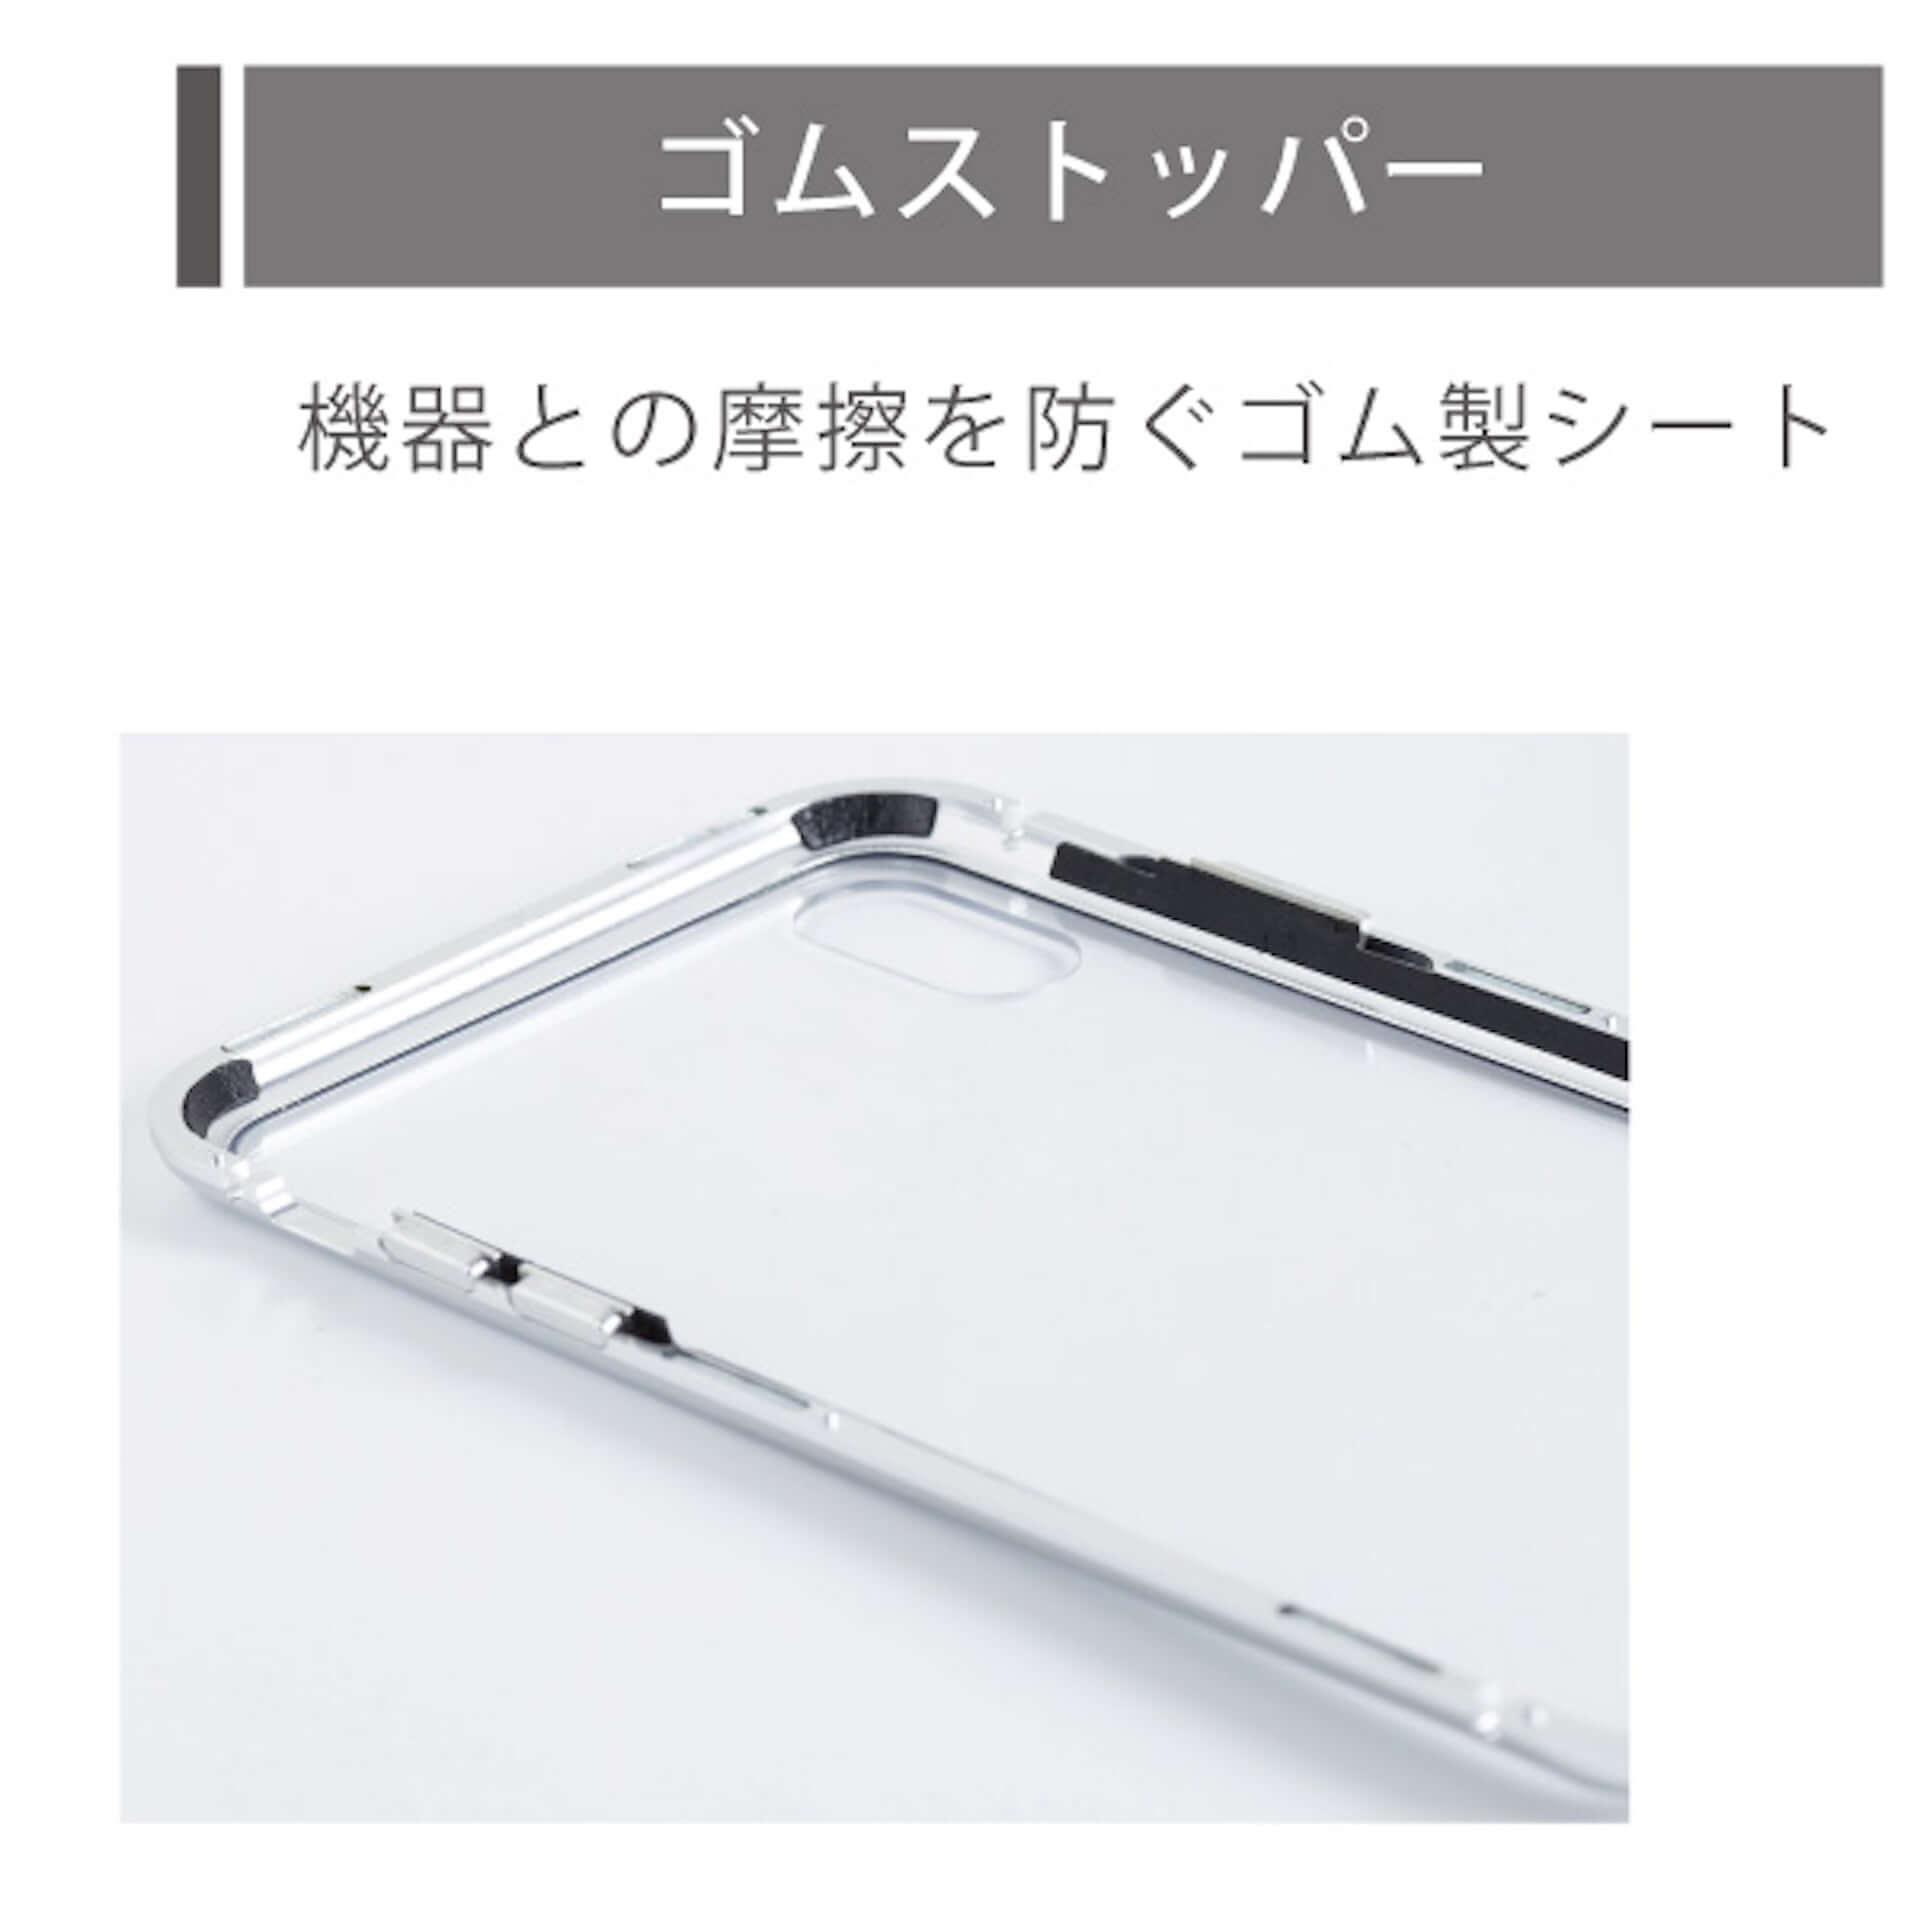 ハンマーでも割れないiPhoneケースが登場|頑強かつ軽量な「MAGNETIC ALUMINUM BUMPER CASE」発売 technology190731magnetic-iphonecase_7-1920x1920